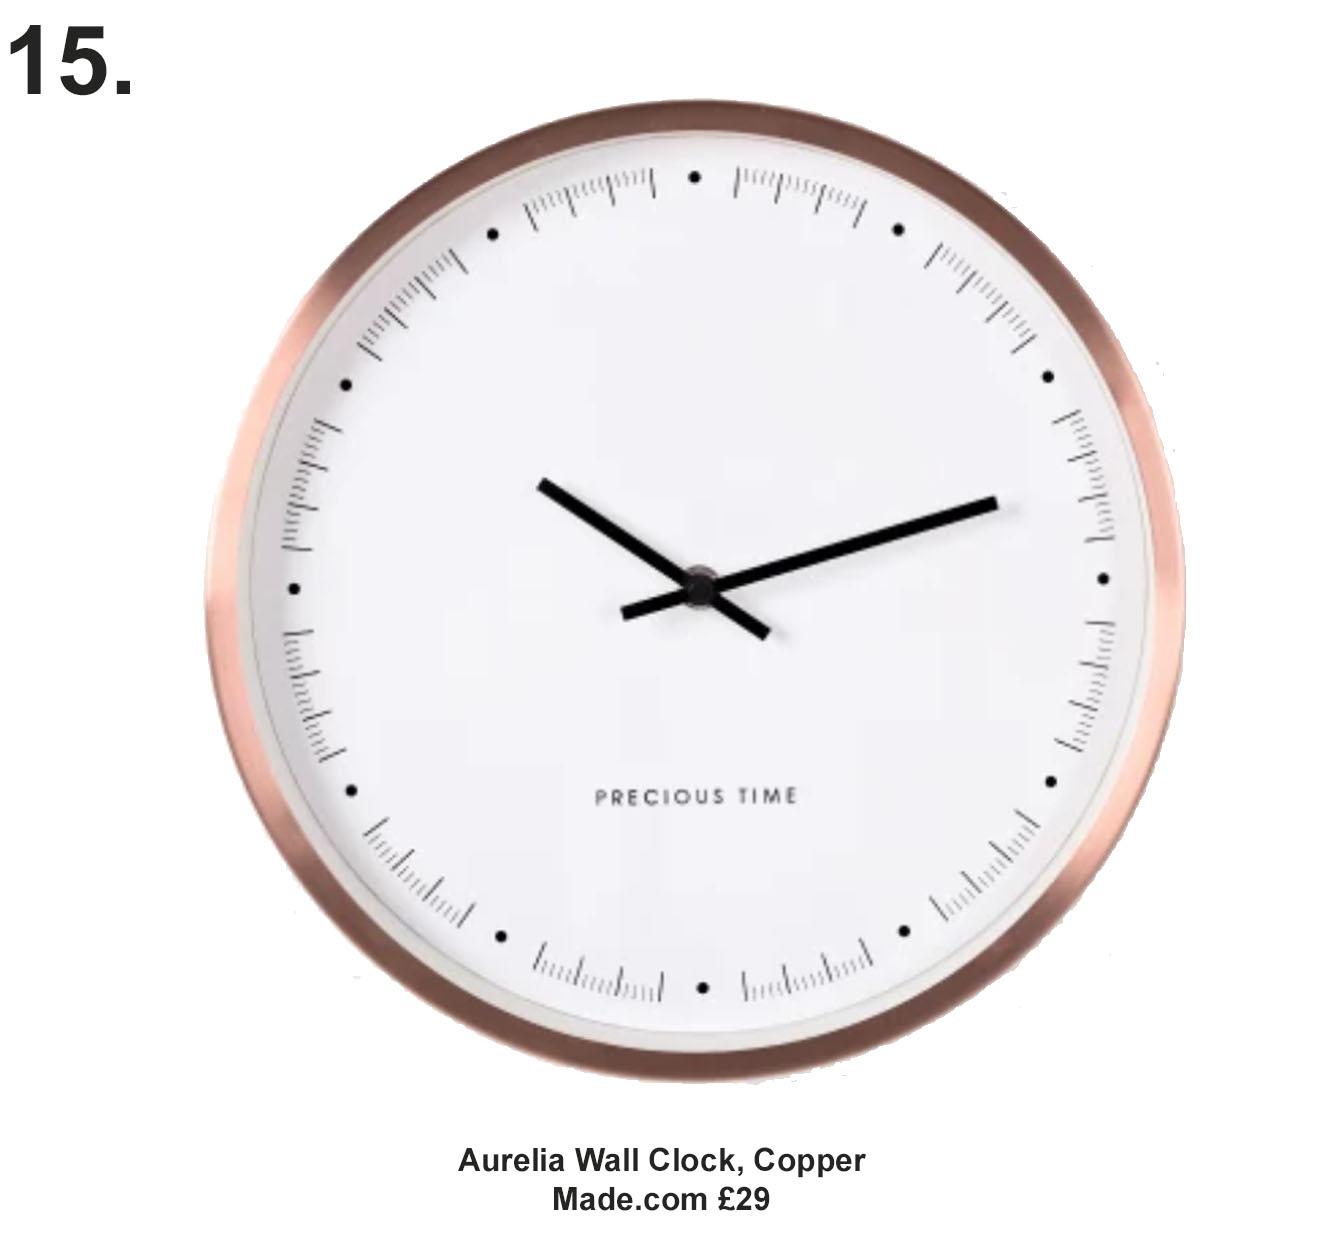 Aurelia Wall Clock, Copper. Made.com £29